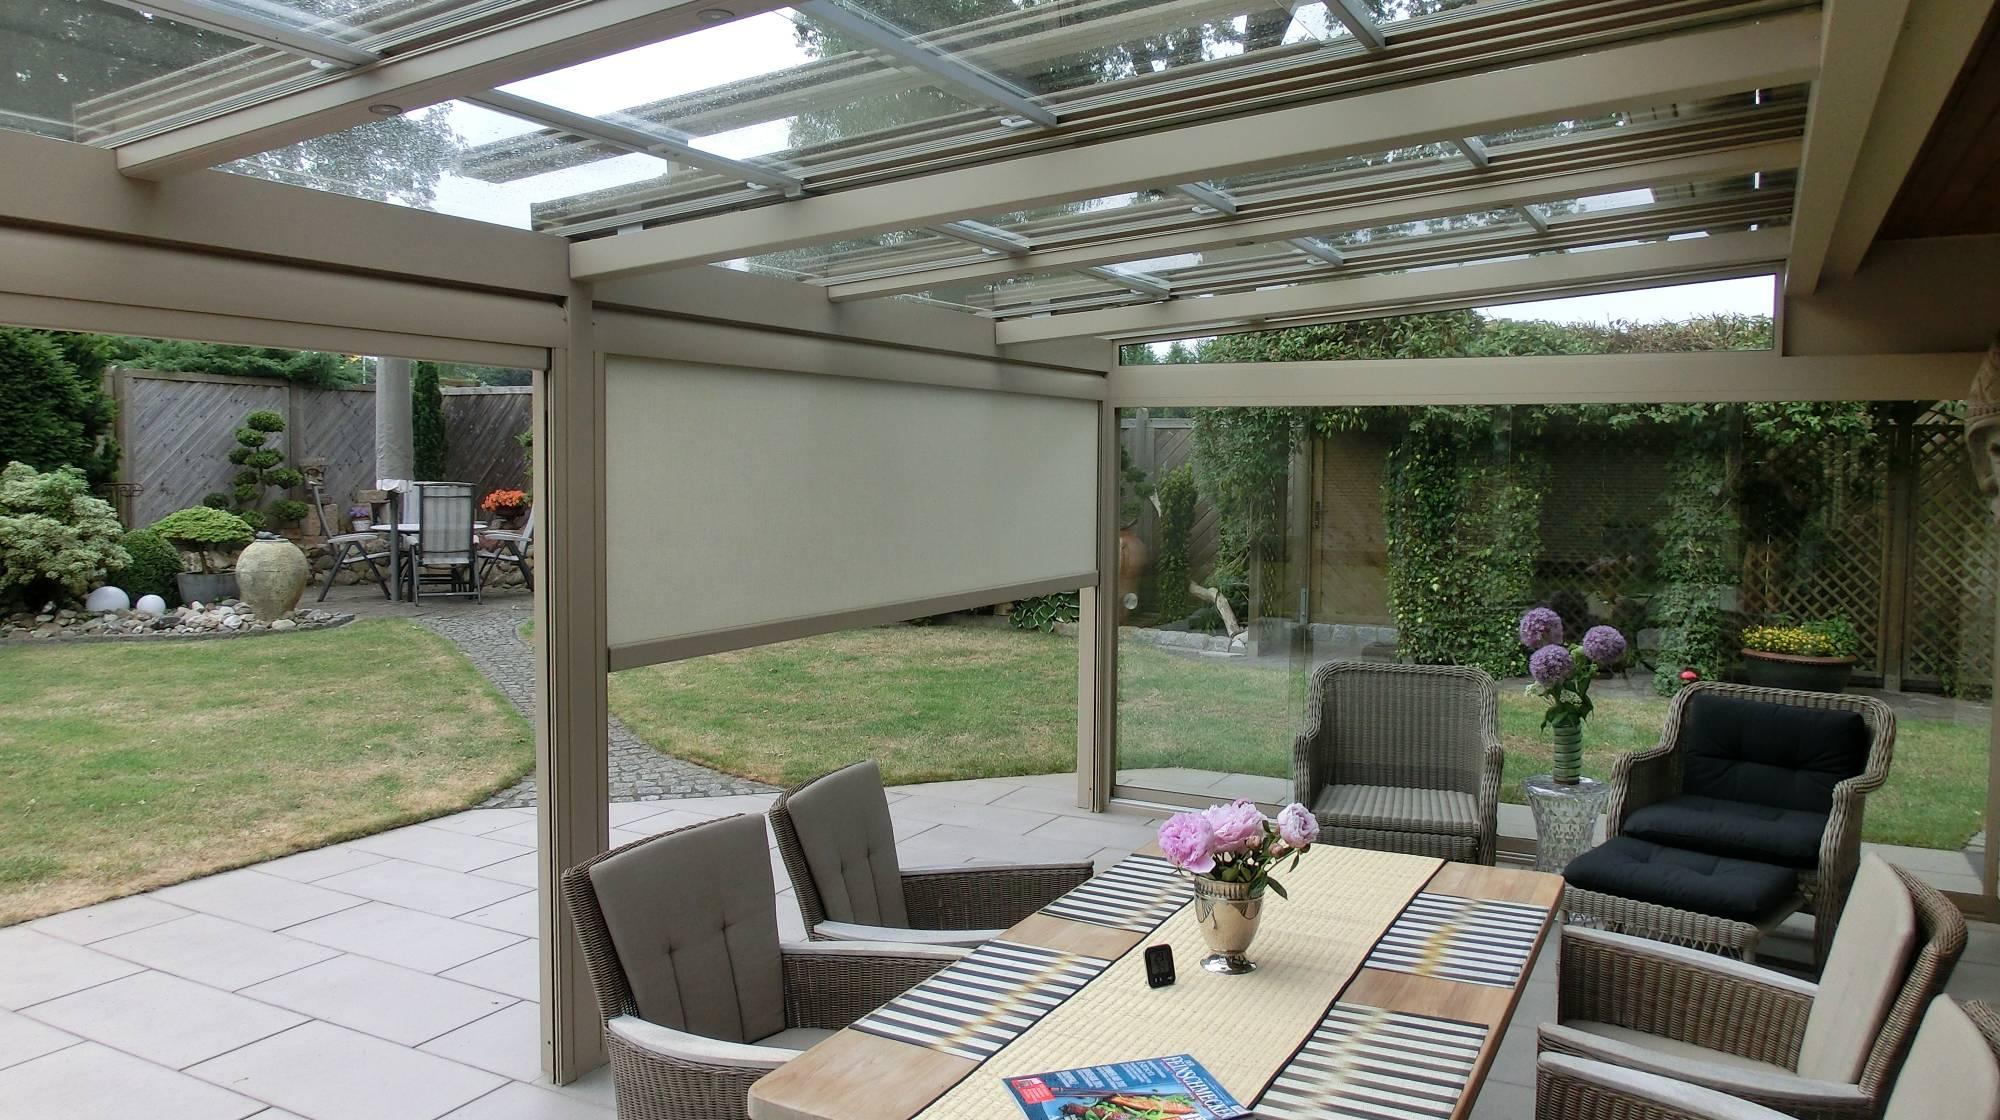 Celoproskleněná střešní konstrukce na zahradě